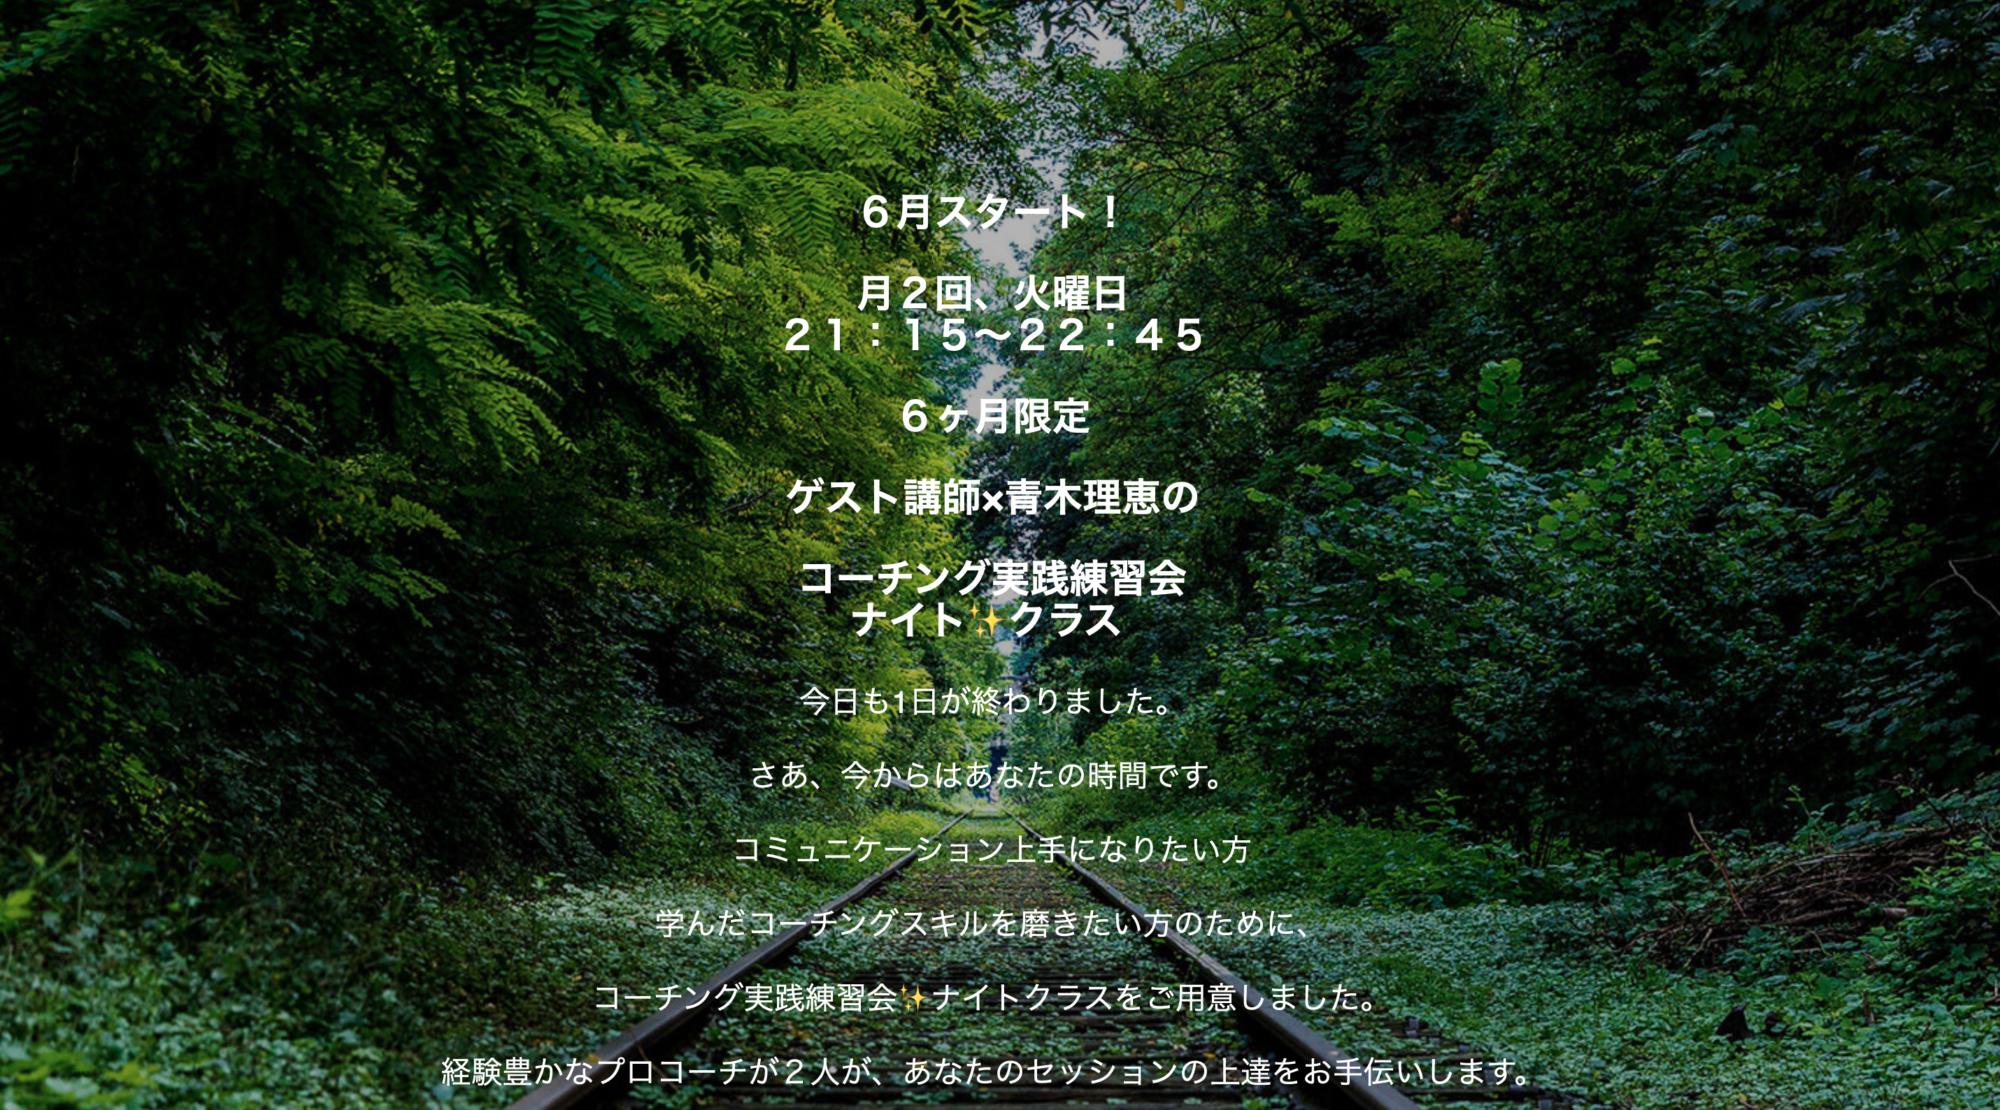 6月スタート ゲスト講師×青木理恵のコーチング実践練習会ナイト✨クラスのお知らせ